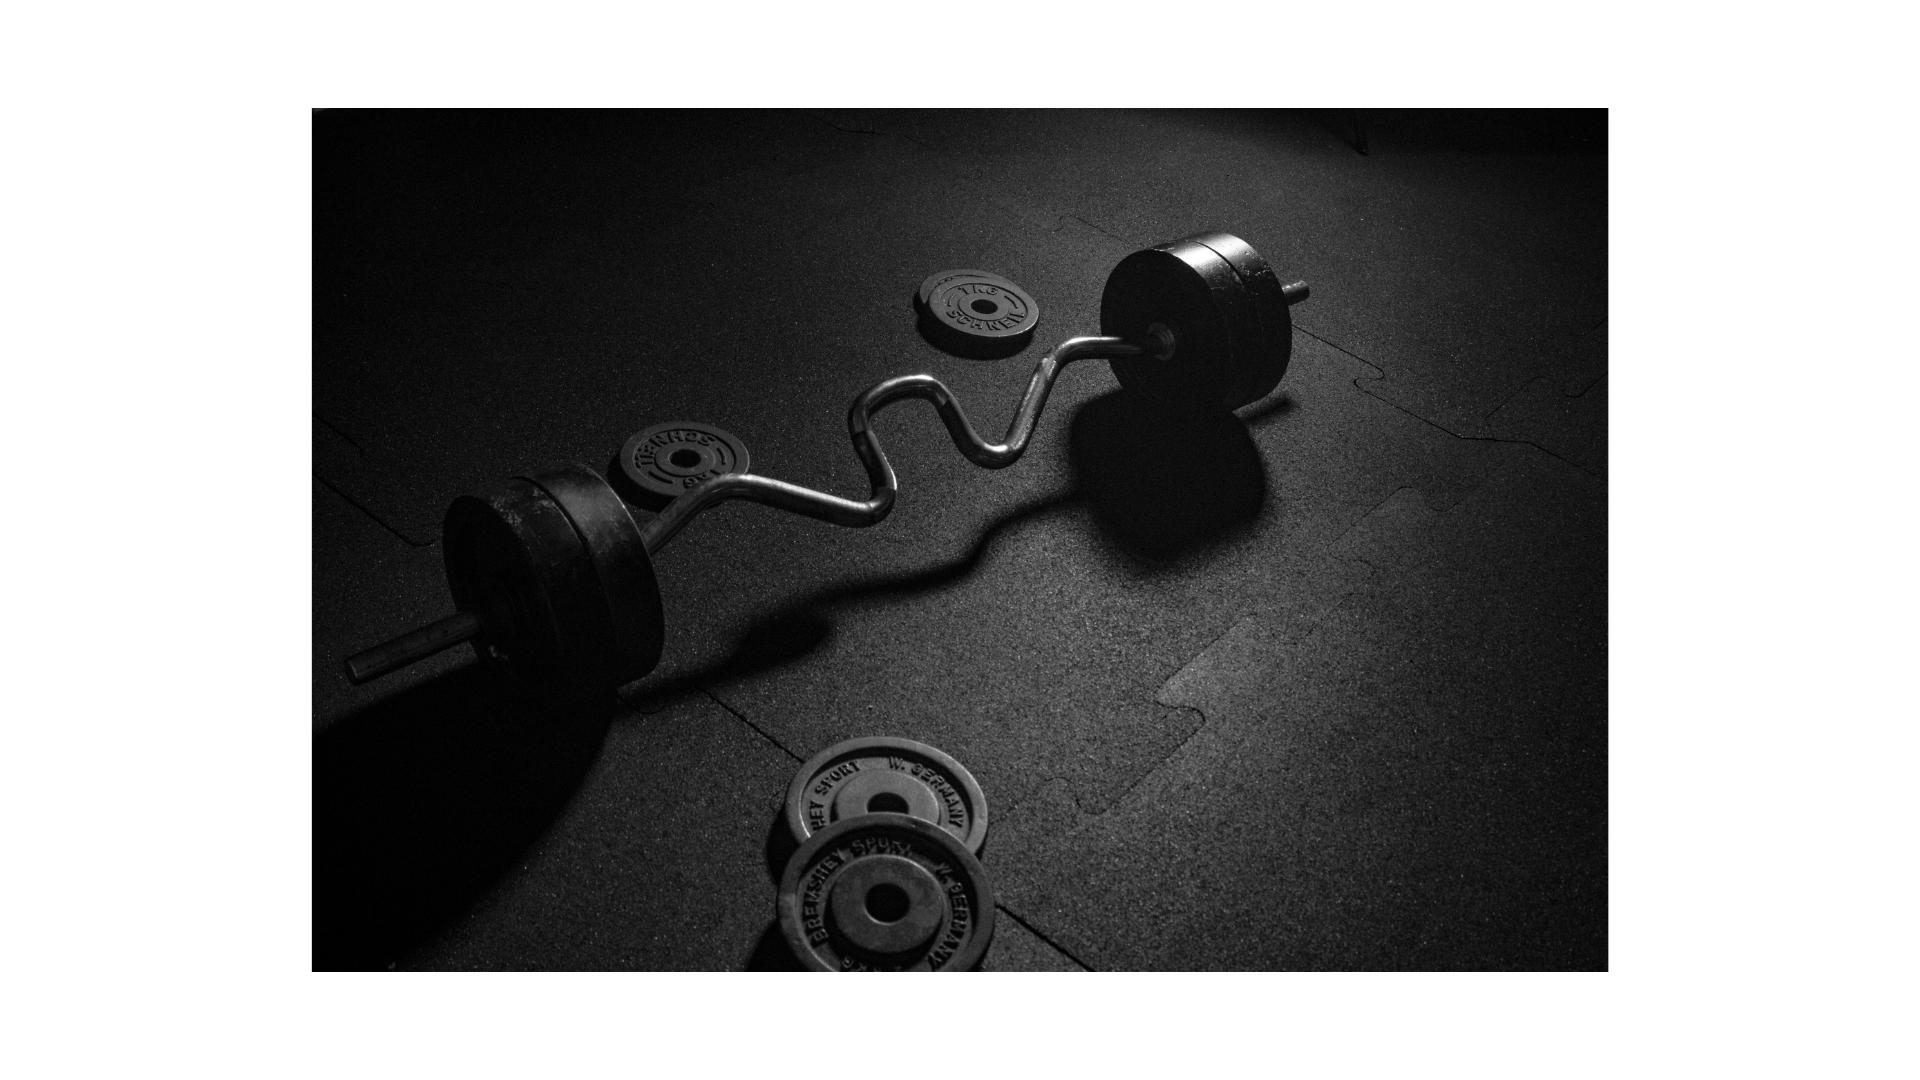 【PFCバランス】カロリーを気にするだけでは、リバウンドしやすいダイエットになる